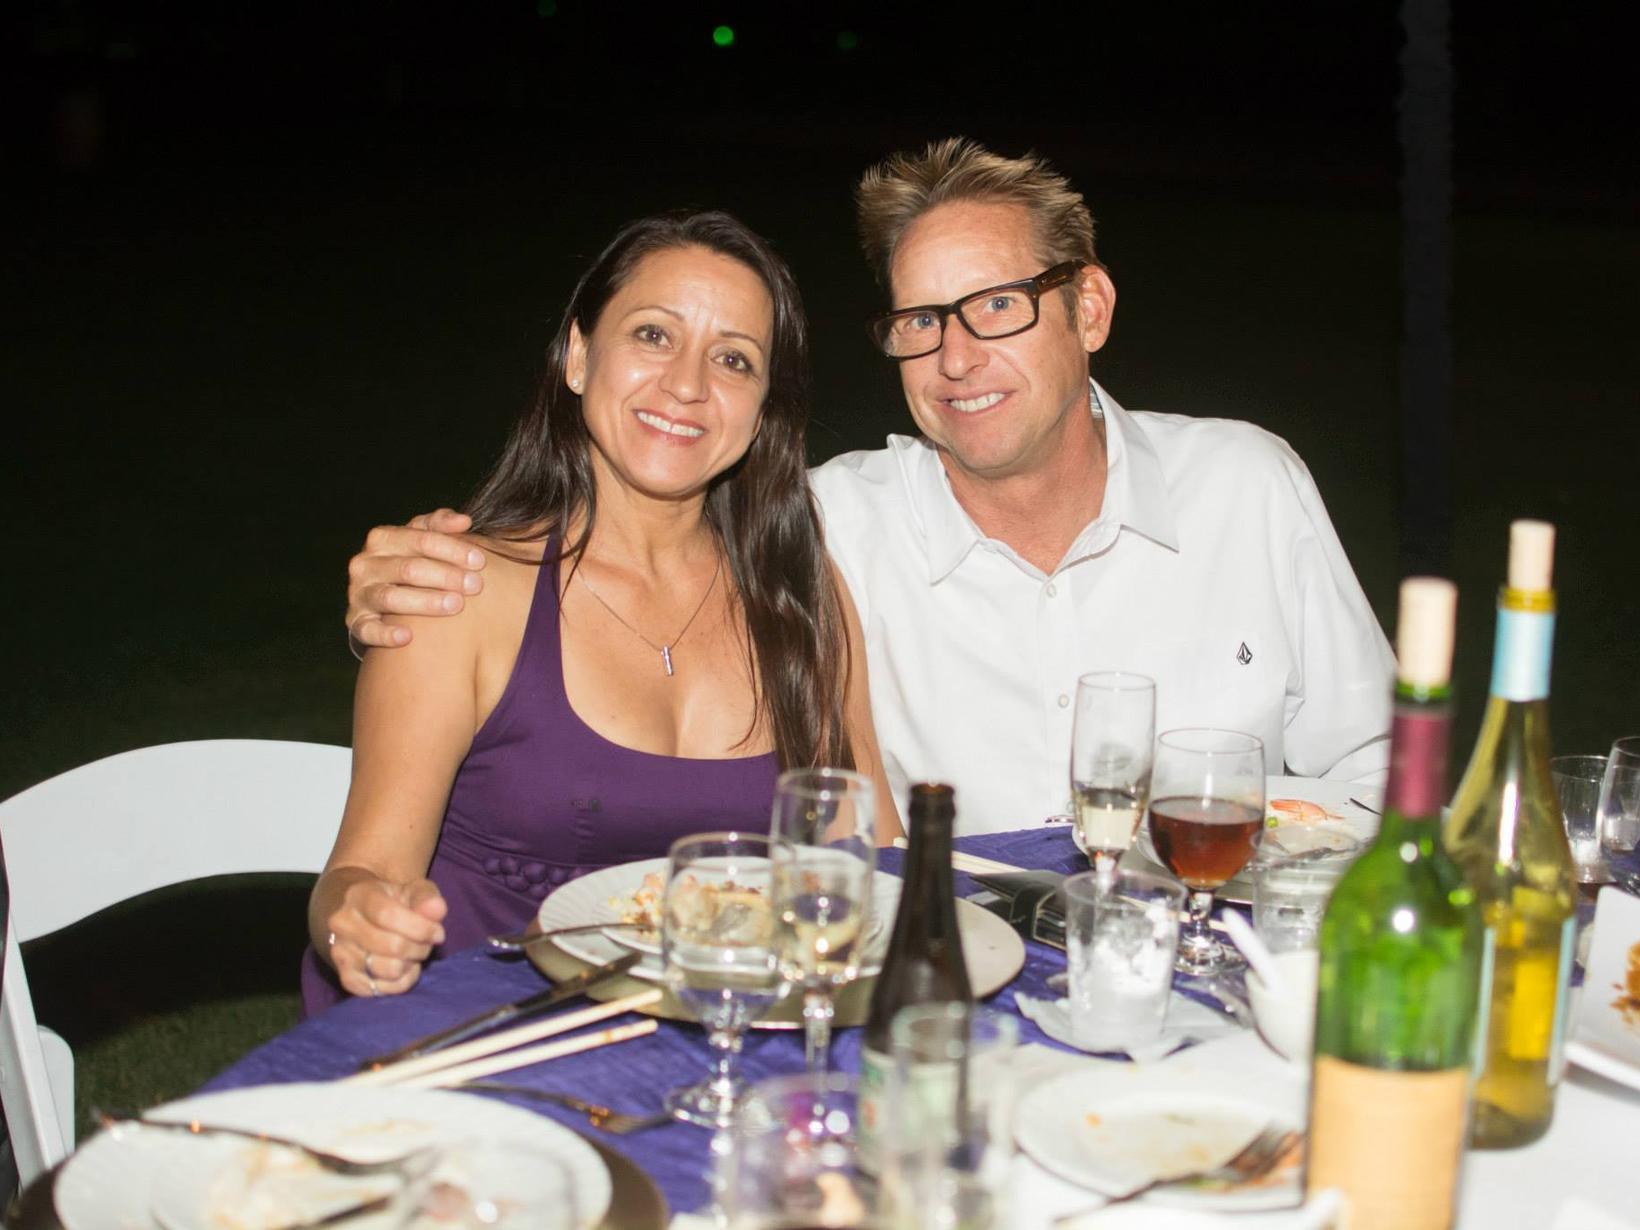 Scott & Kirsten from Newport Beach, California, United States